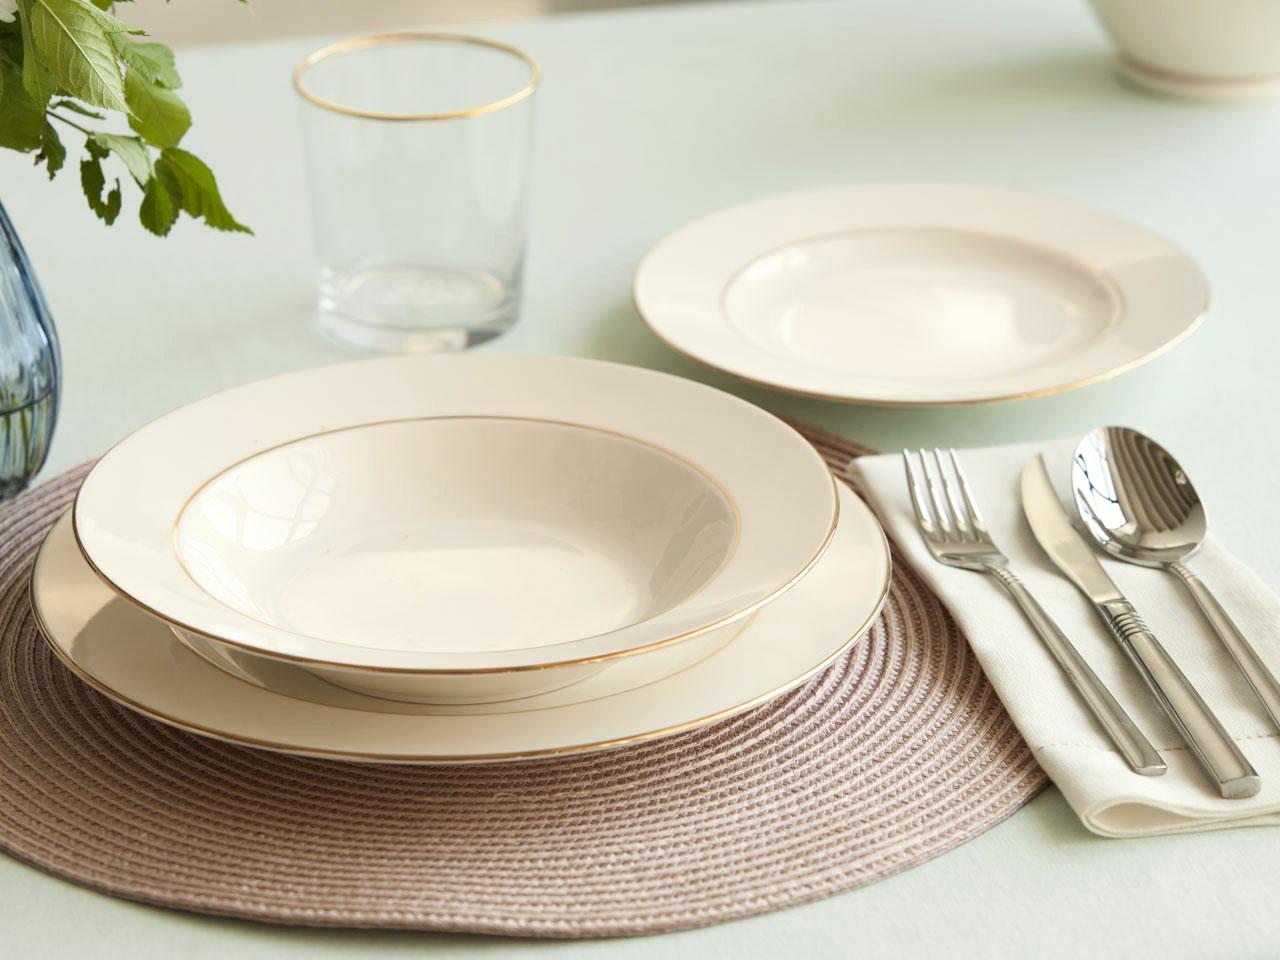 Serwis / Zestaw obiadowy na 6 osób MariaPaula Ecru Nova Złota Linia (18 elementów)